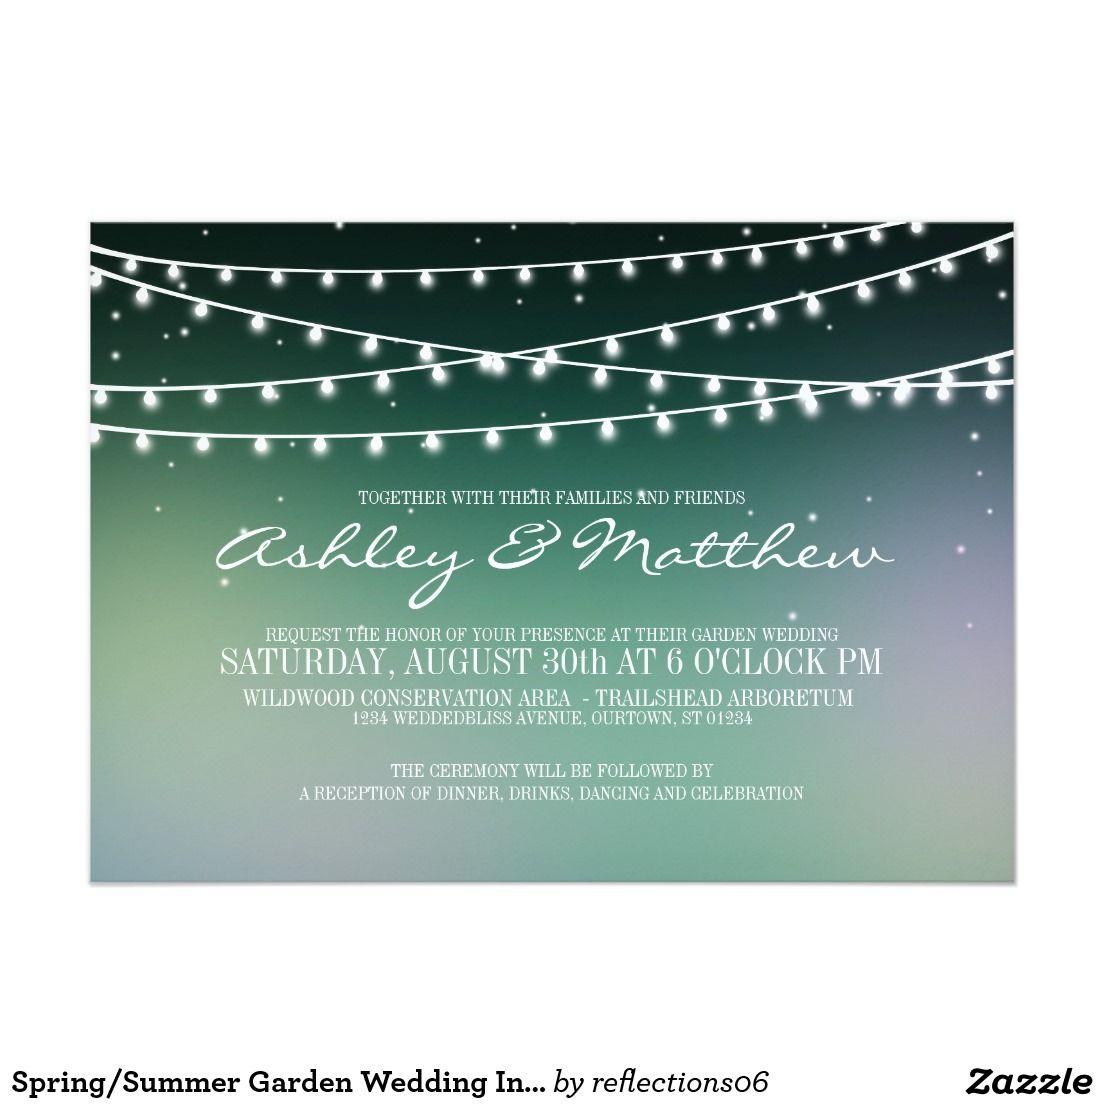 Spring/Summer Garden Wedding Invitation